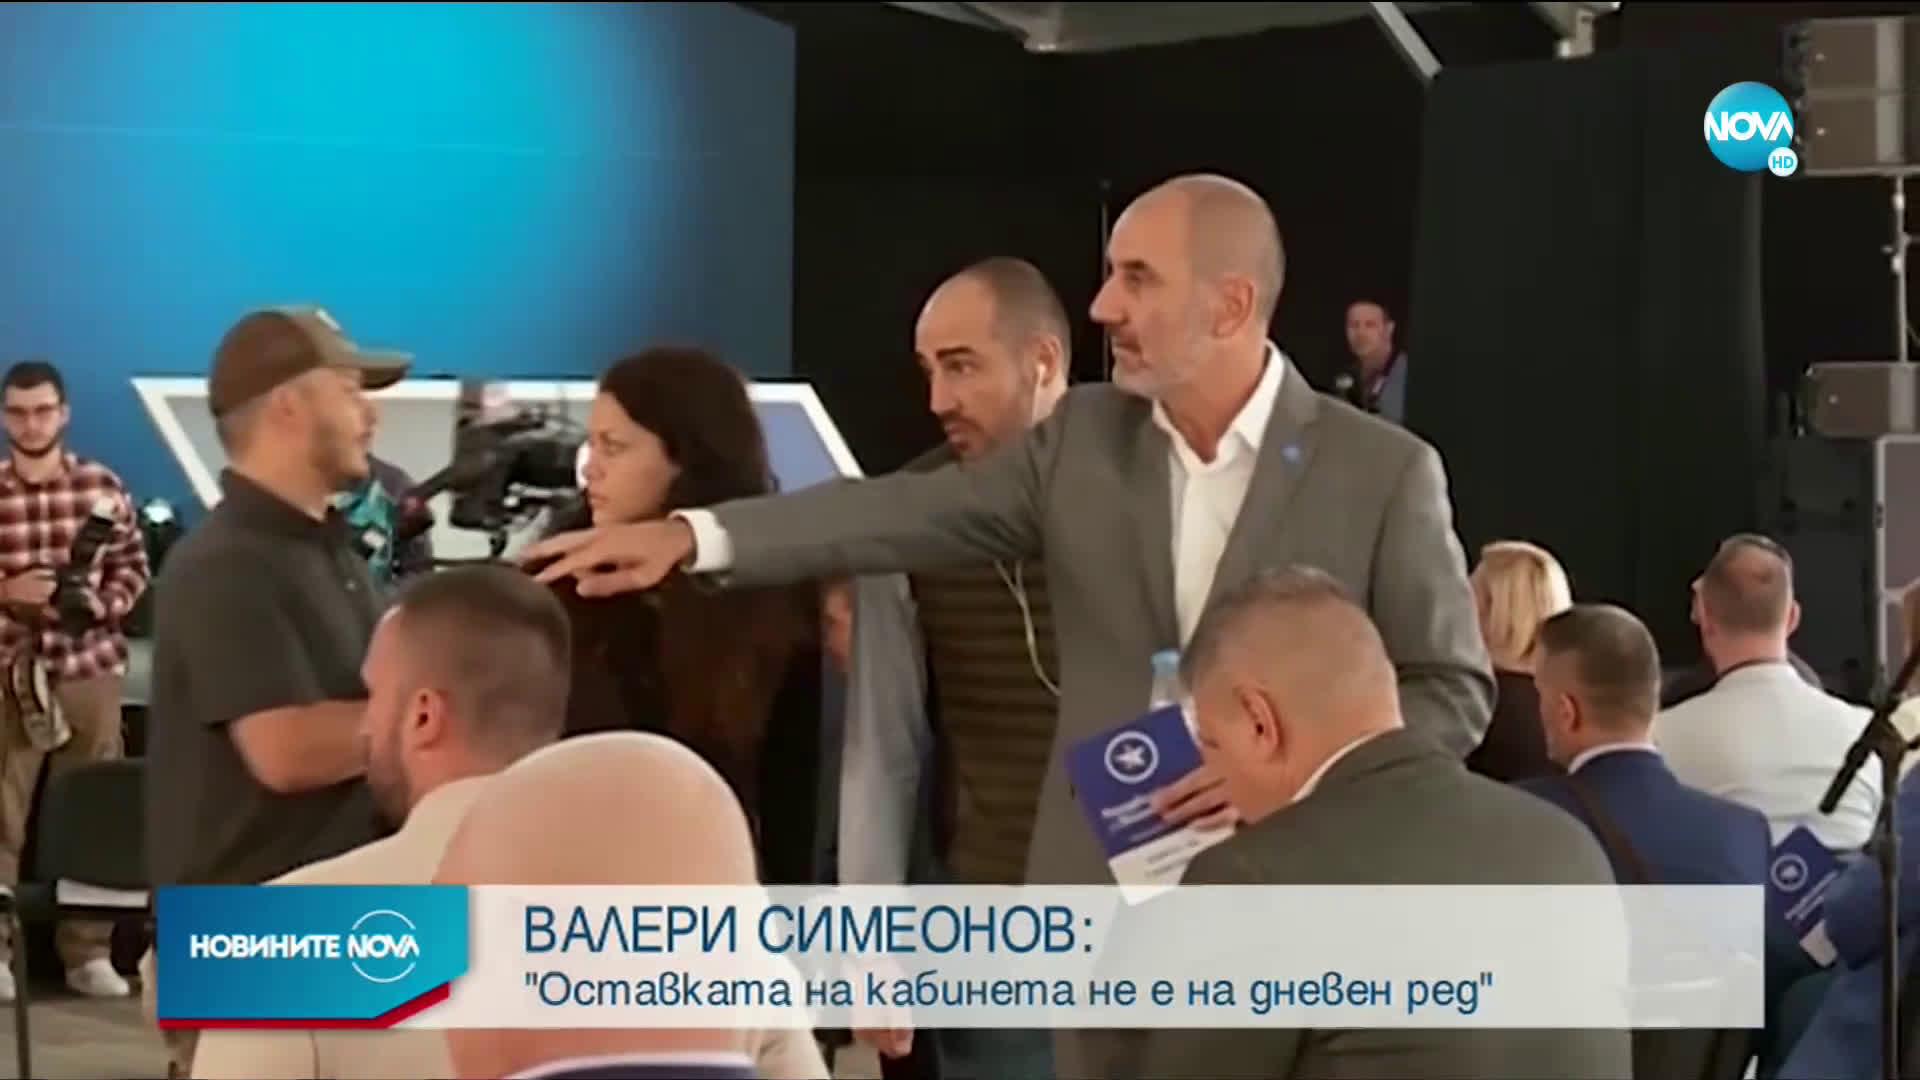 Симеонов: Протестиращи хвърлят яйца, защото нямат калашници